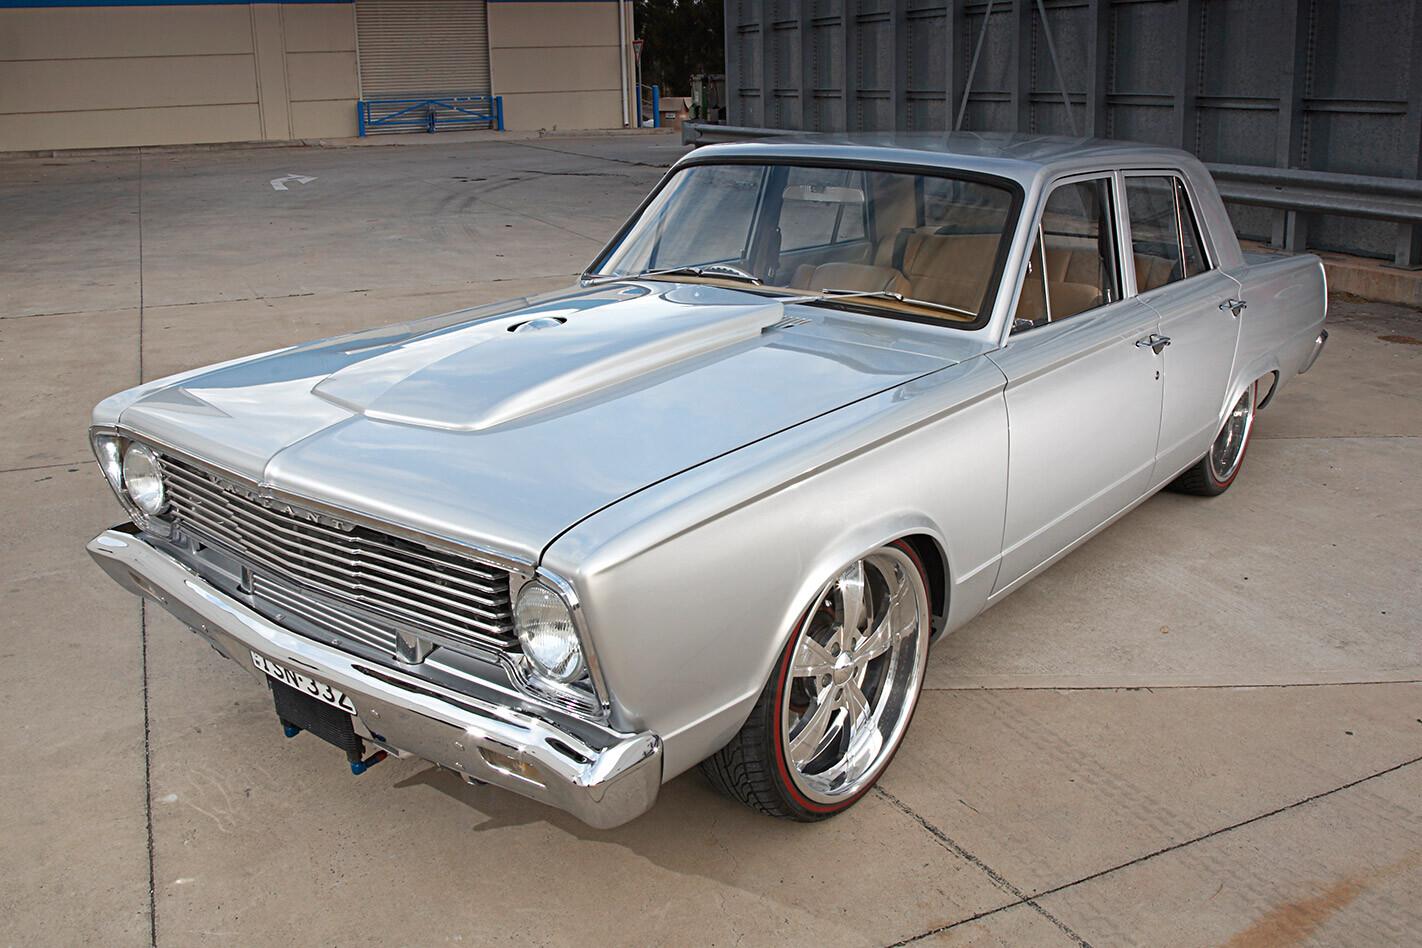 Chrysler VC Valiant front